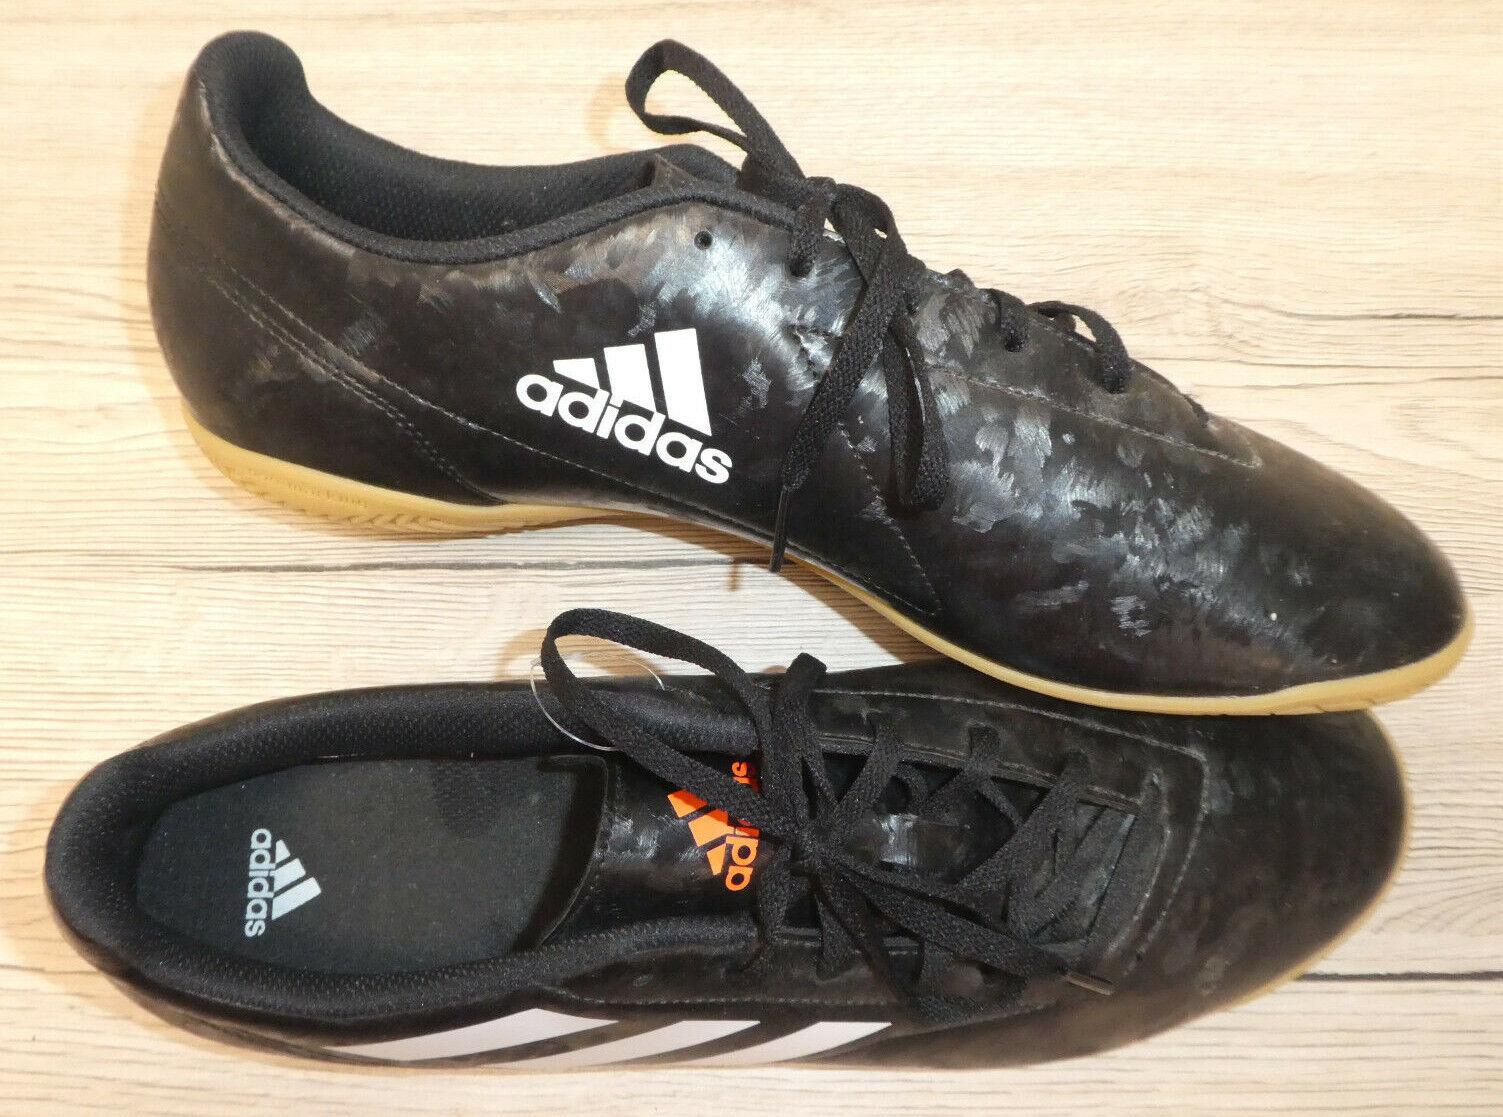 NEU    adidas      Herren Laufschuh Turnschuh Gr. 46 (48,5)    schwarz mit weiß 483688